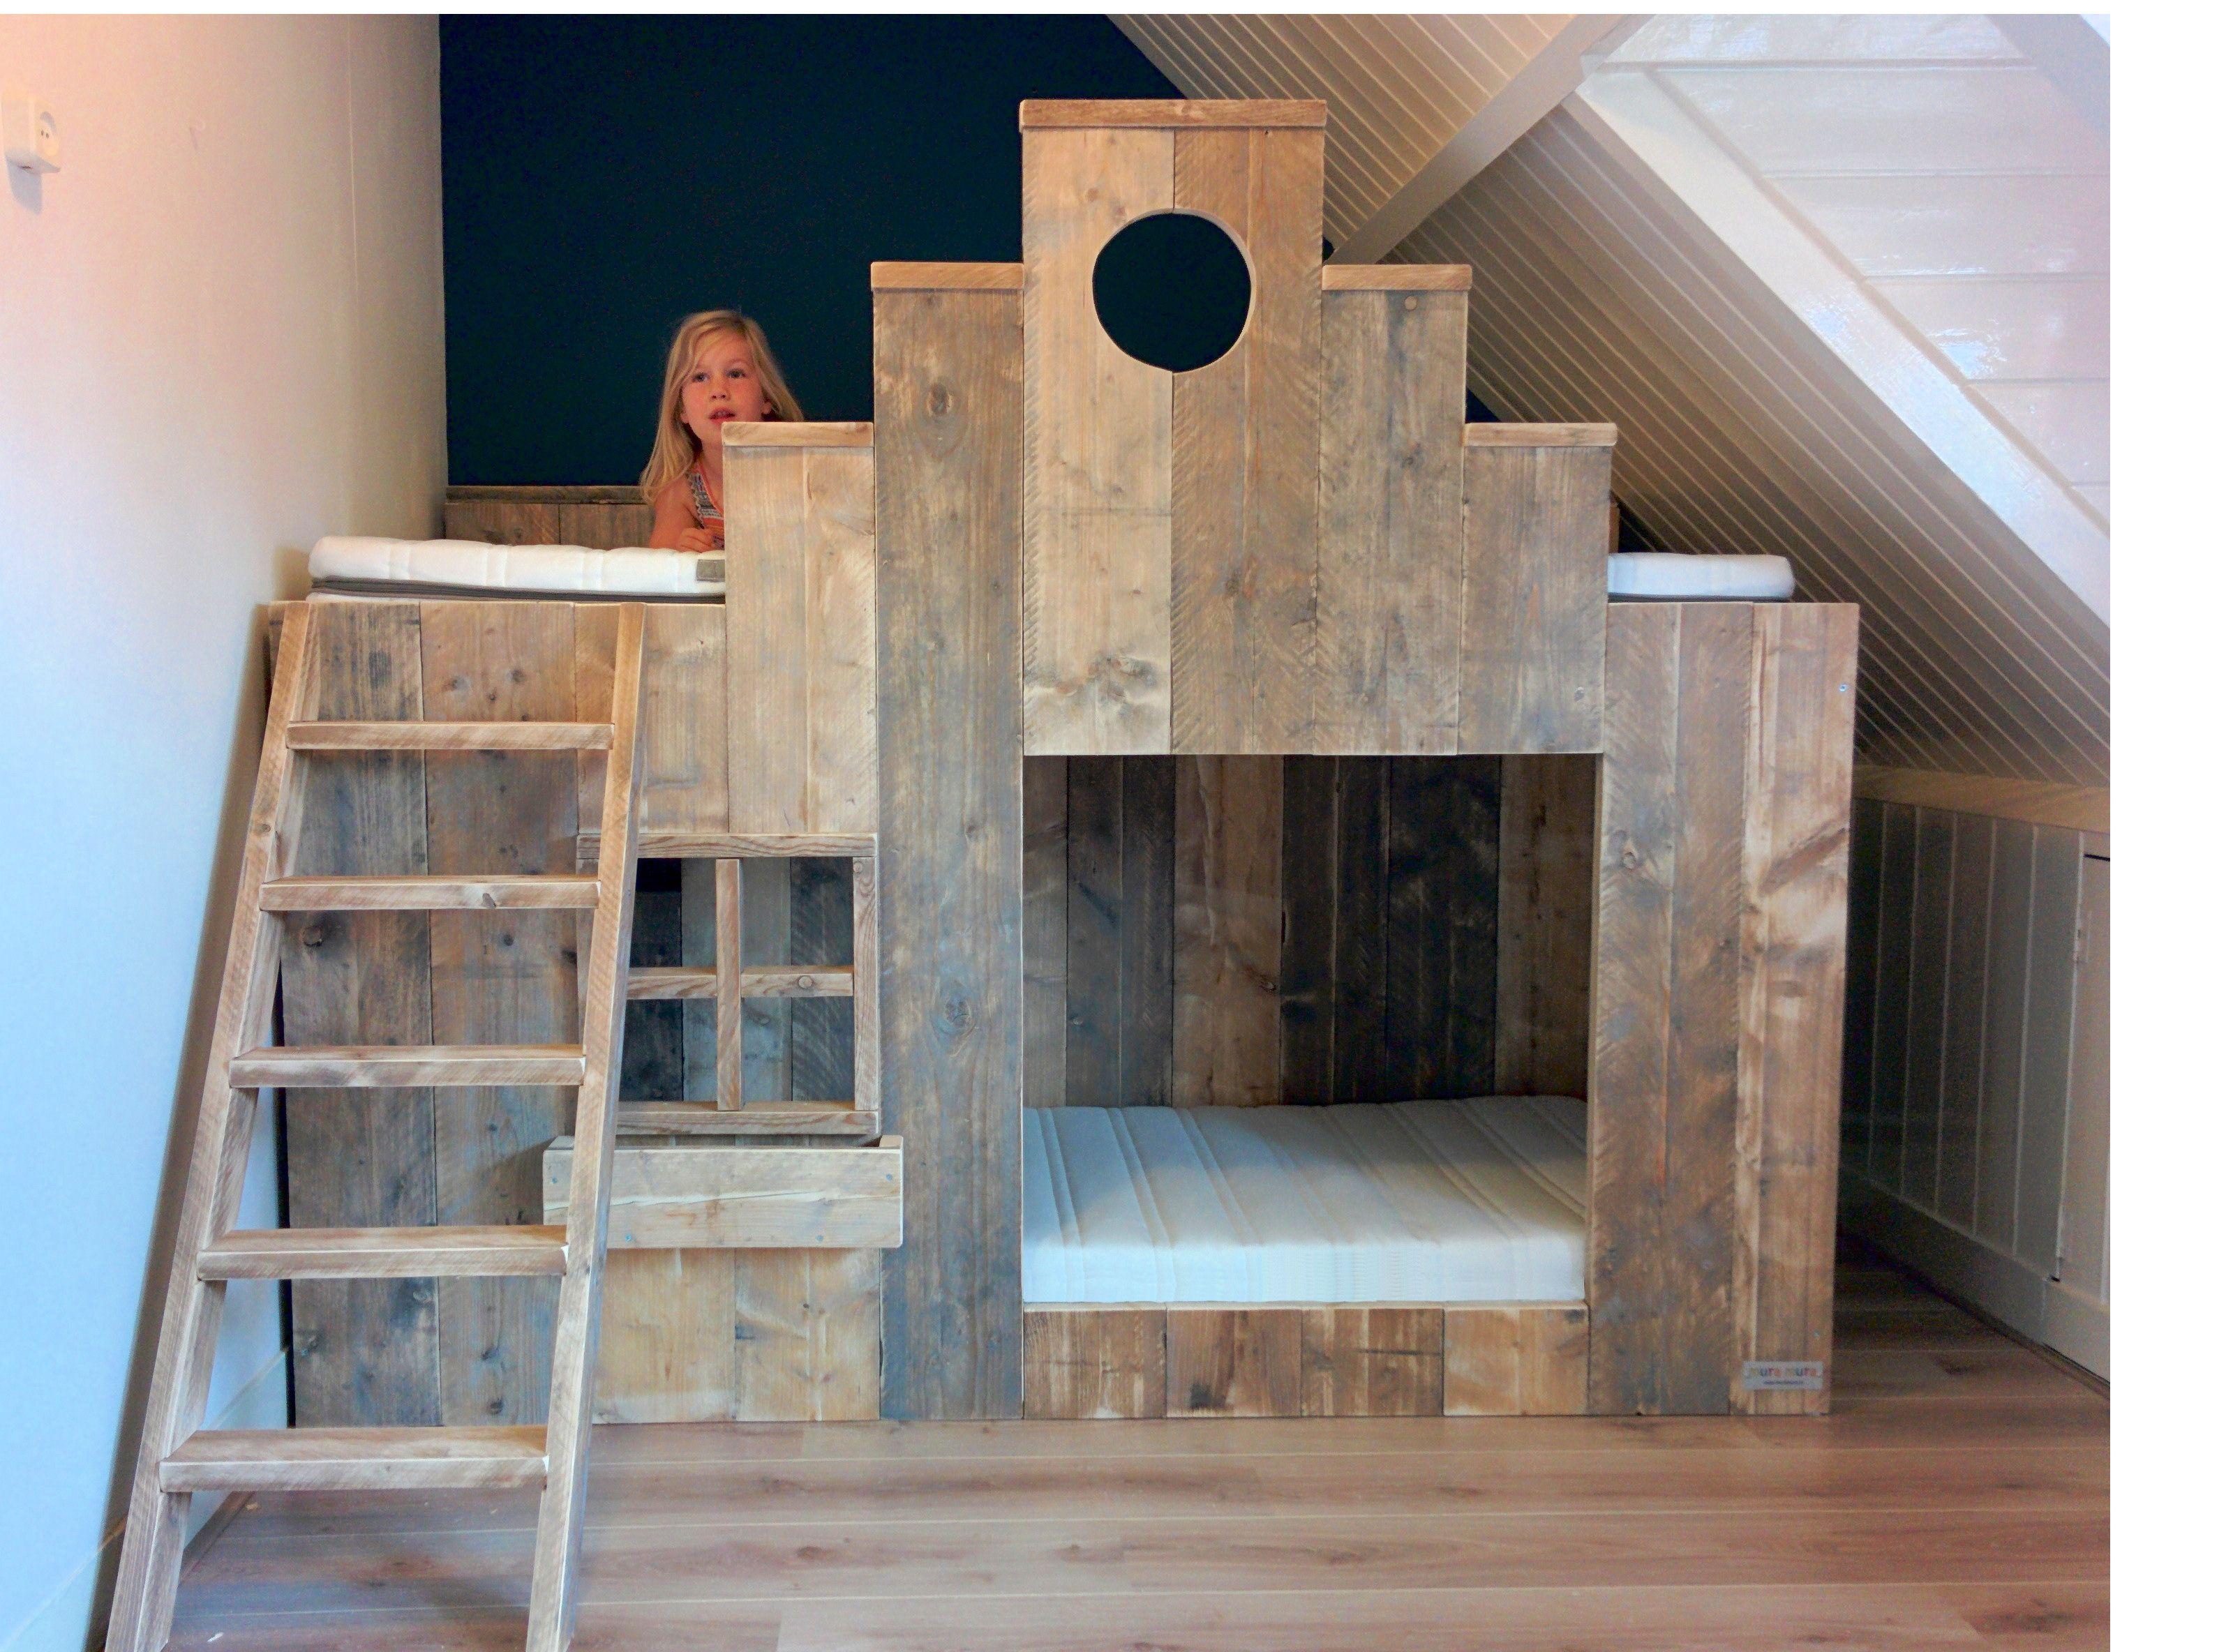 Speel stapelbed met trapgevel van gebruikt steigerhout van kids rooms kinderkamers - Stapelbed met opslag trappen ...